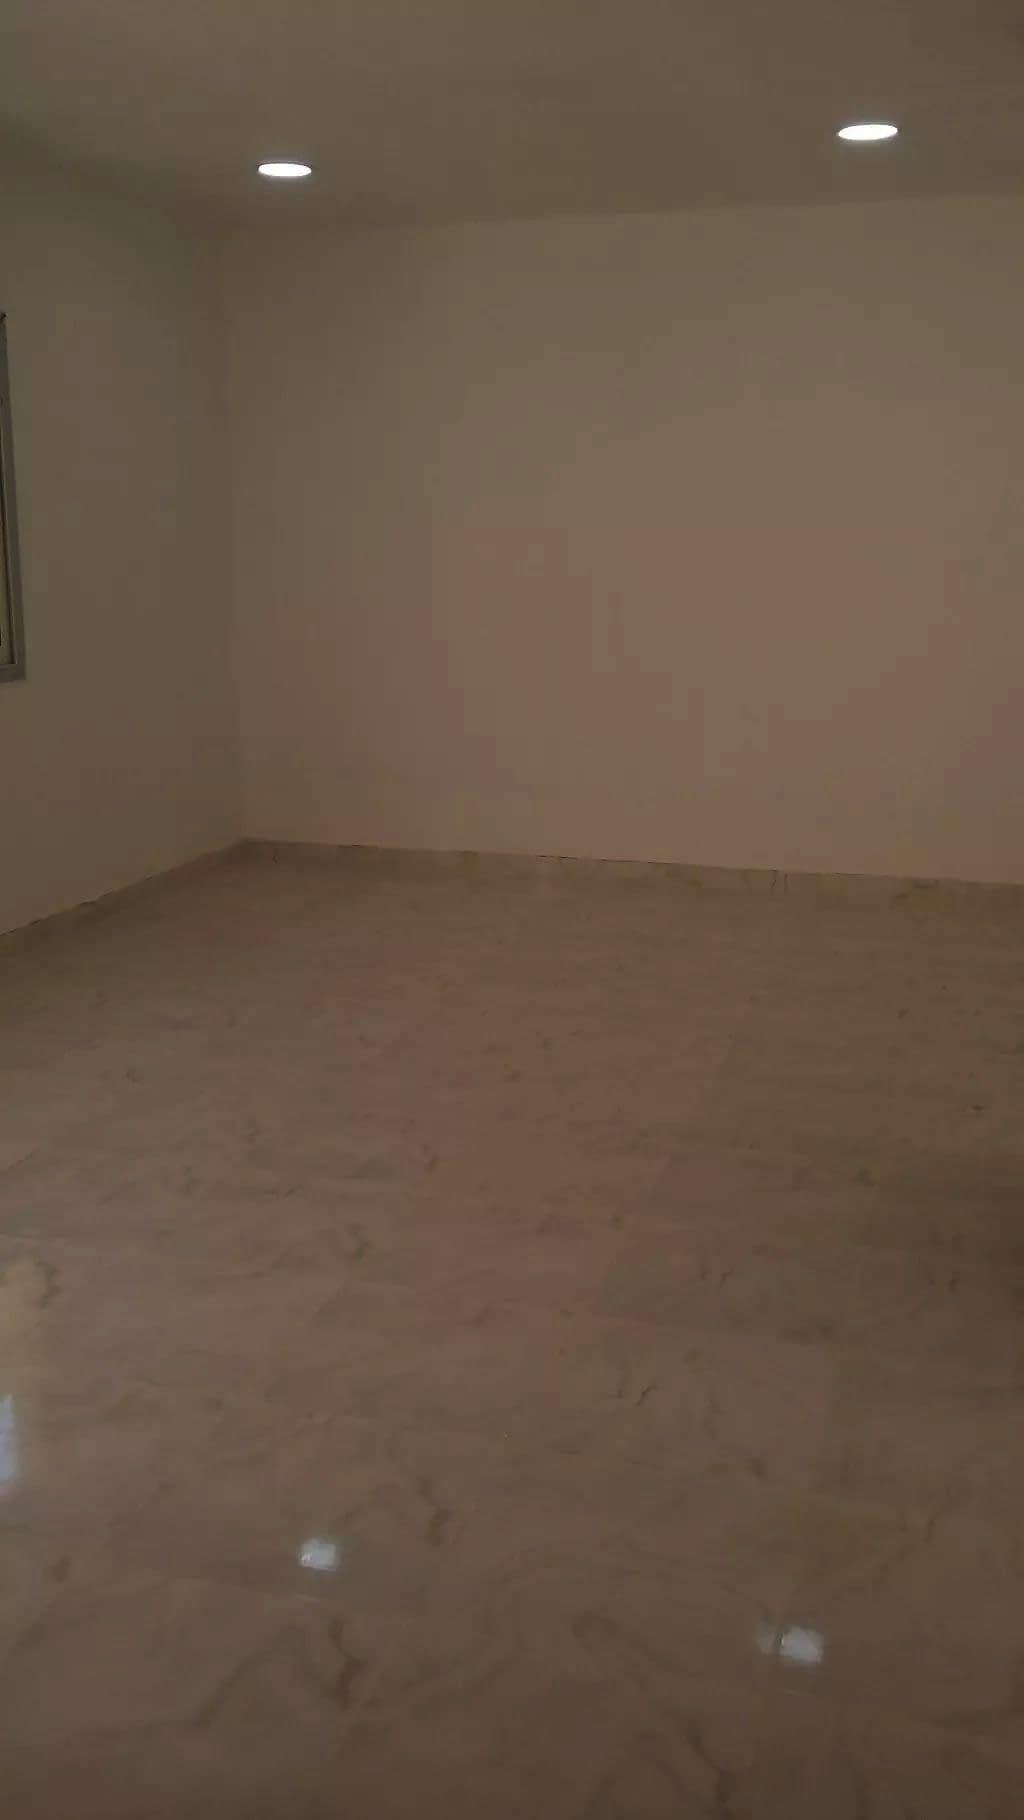 للإيجار في أبوظبي في مدينة شخبوط شقة 2